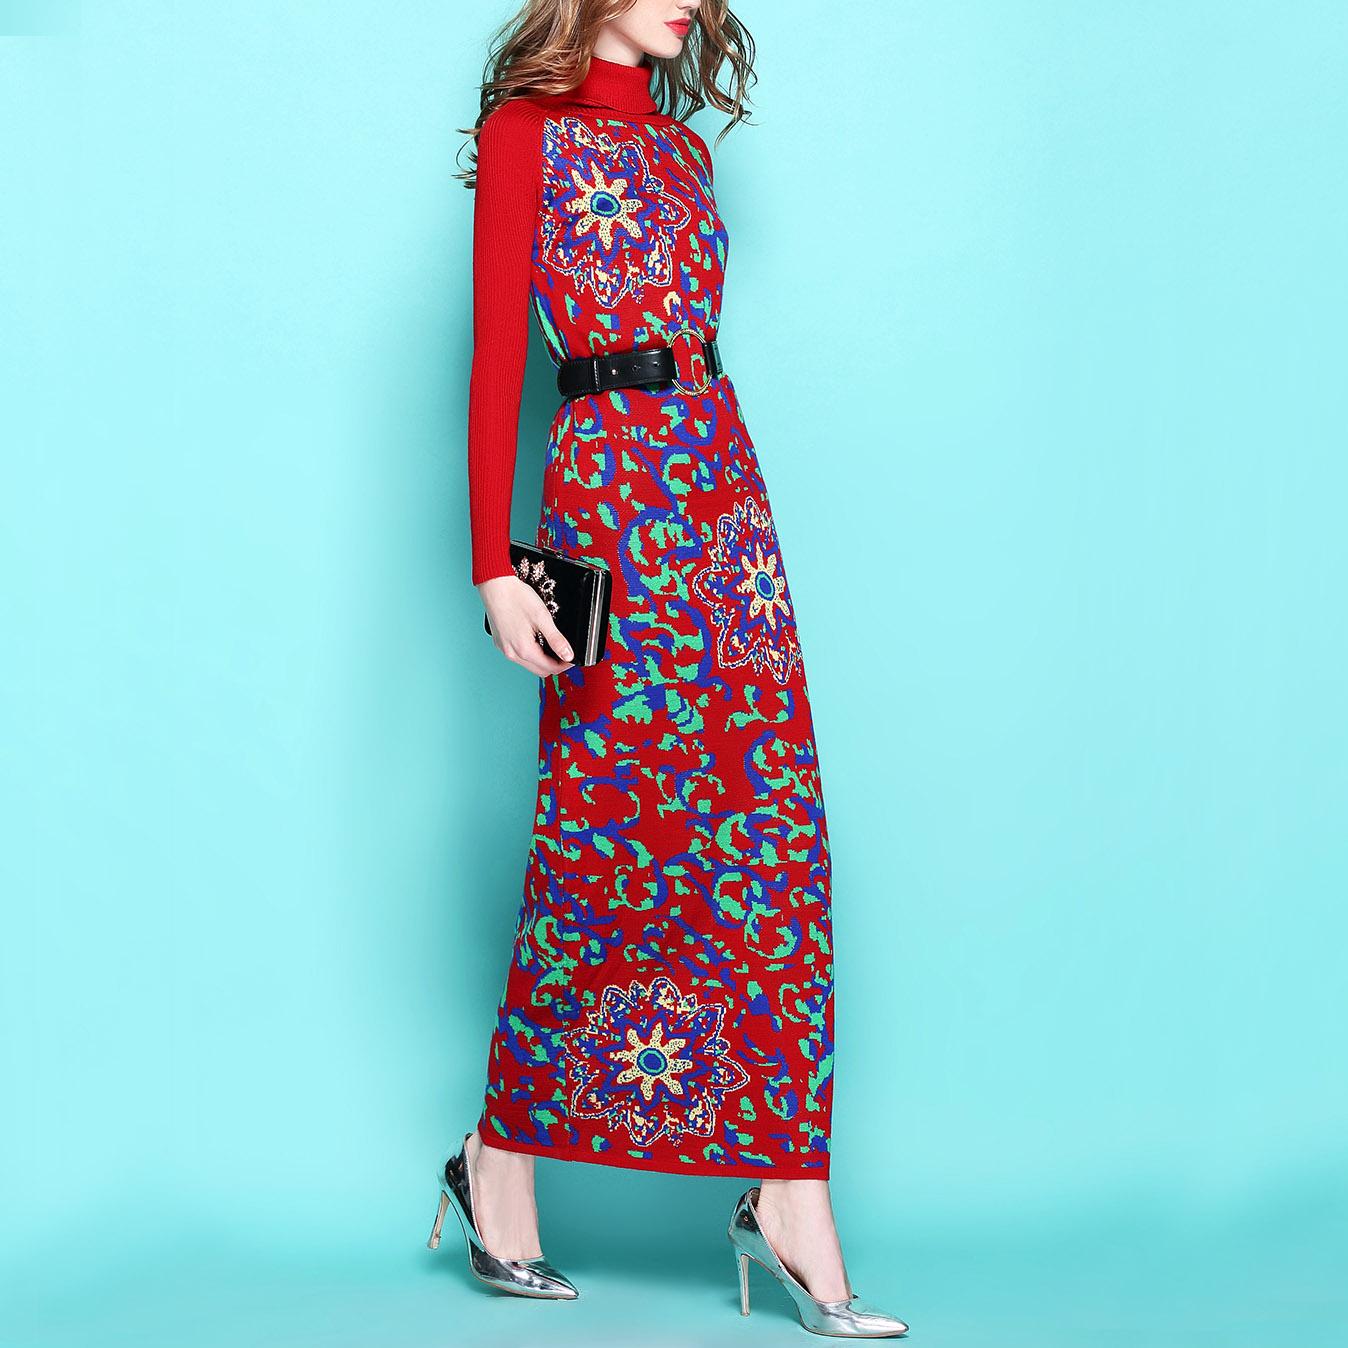 正品[羊毛裙]针织羊毛裙半身裙评测 羊毛裙 连衣